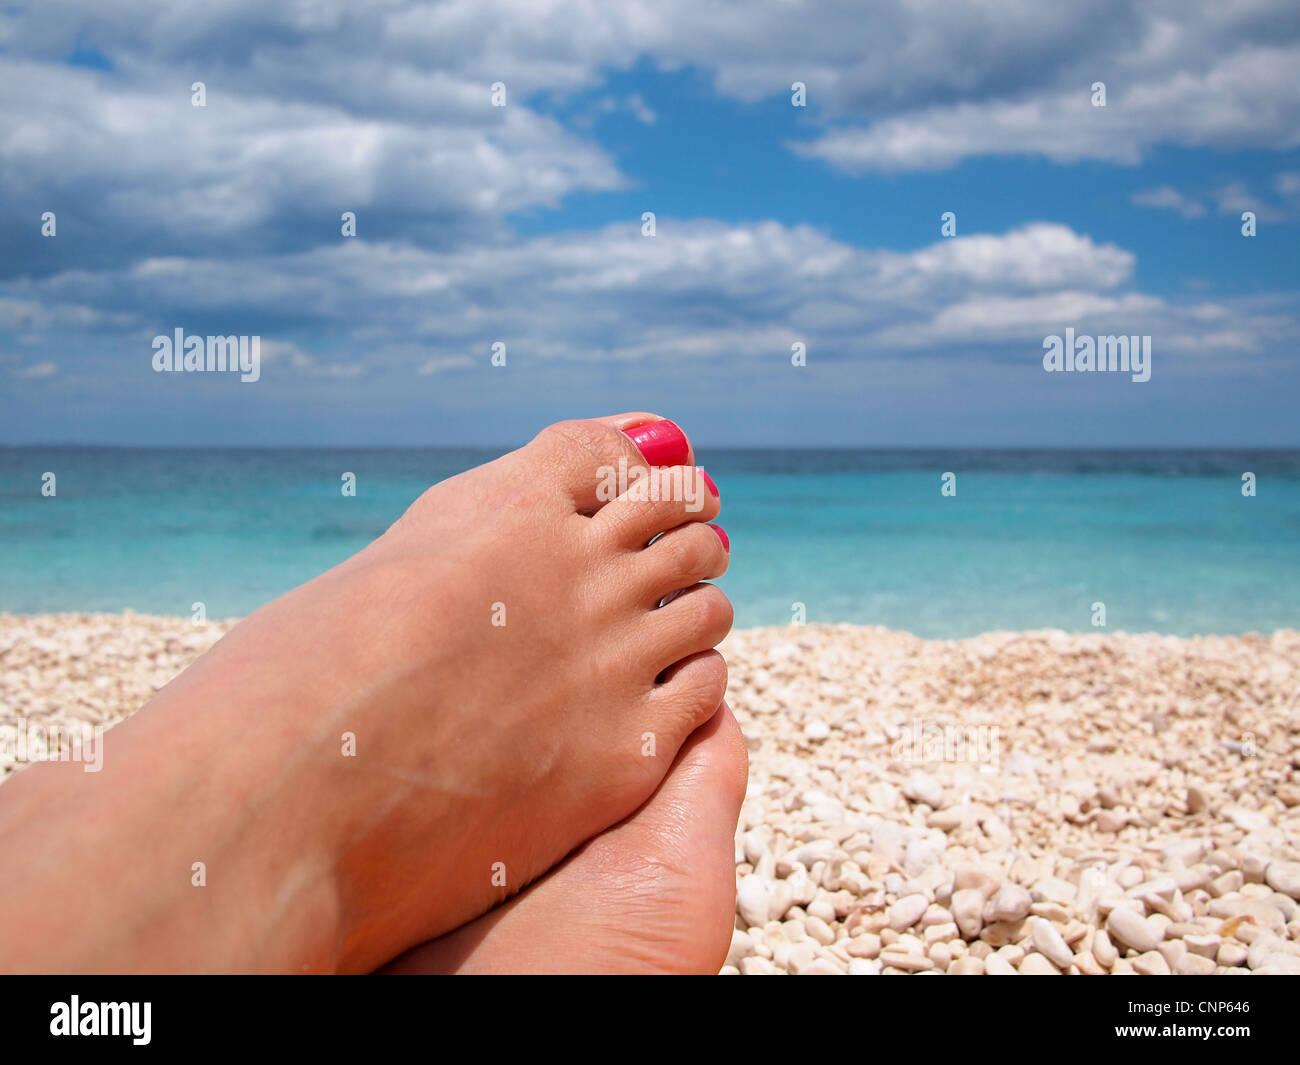 Les pieds avec des clous poli rouge paresseux de détente sur la plage. Photo Stock